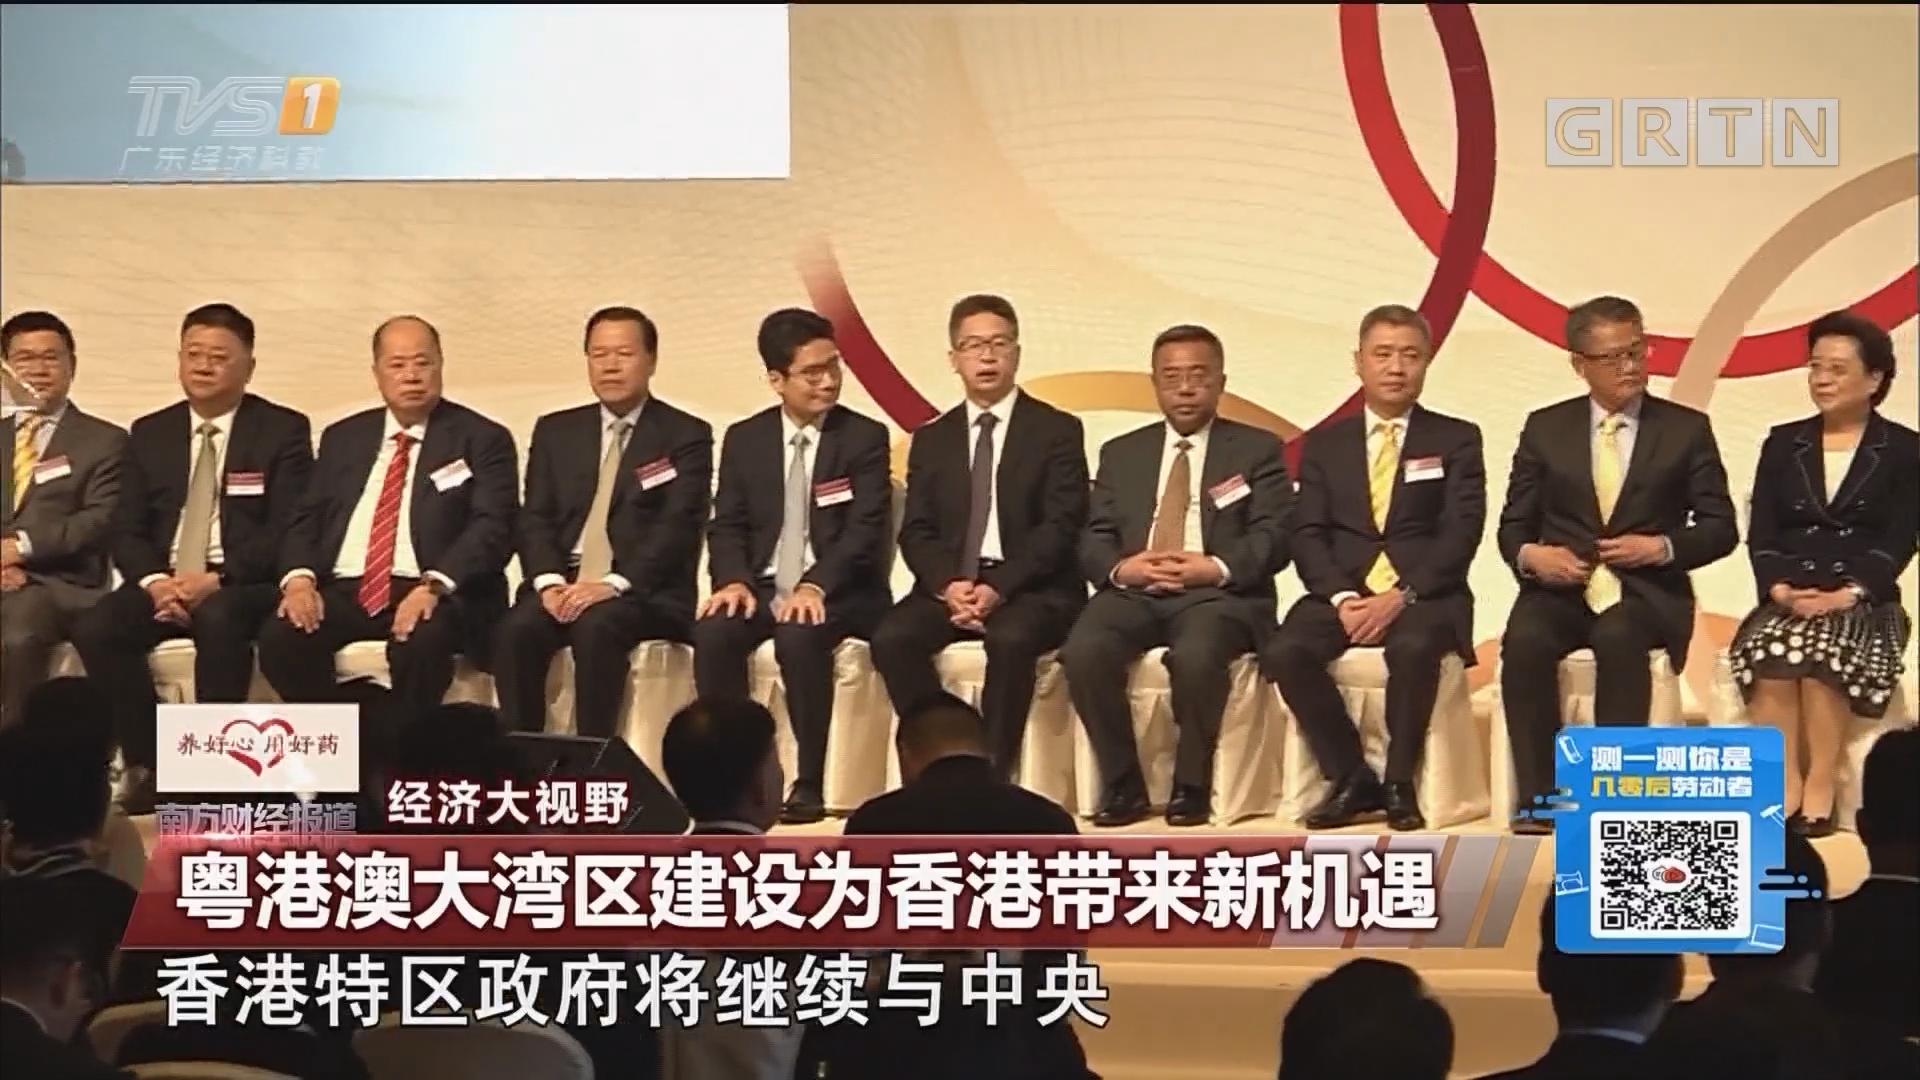 粤港澳大湾区建设为香港带来新机遇